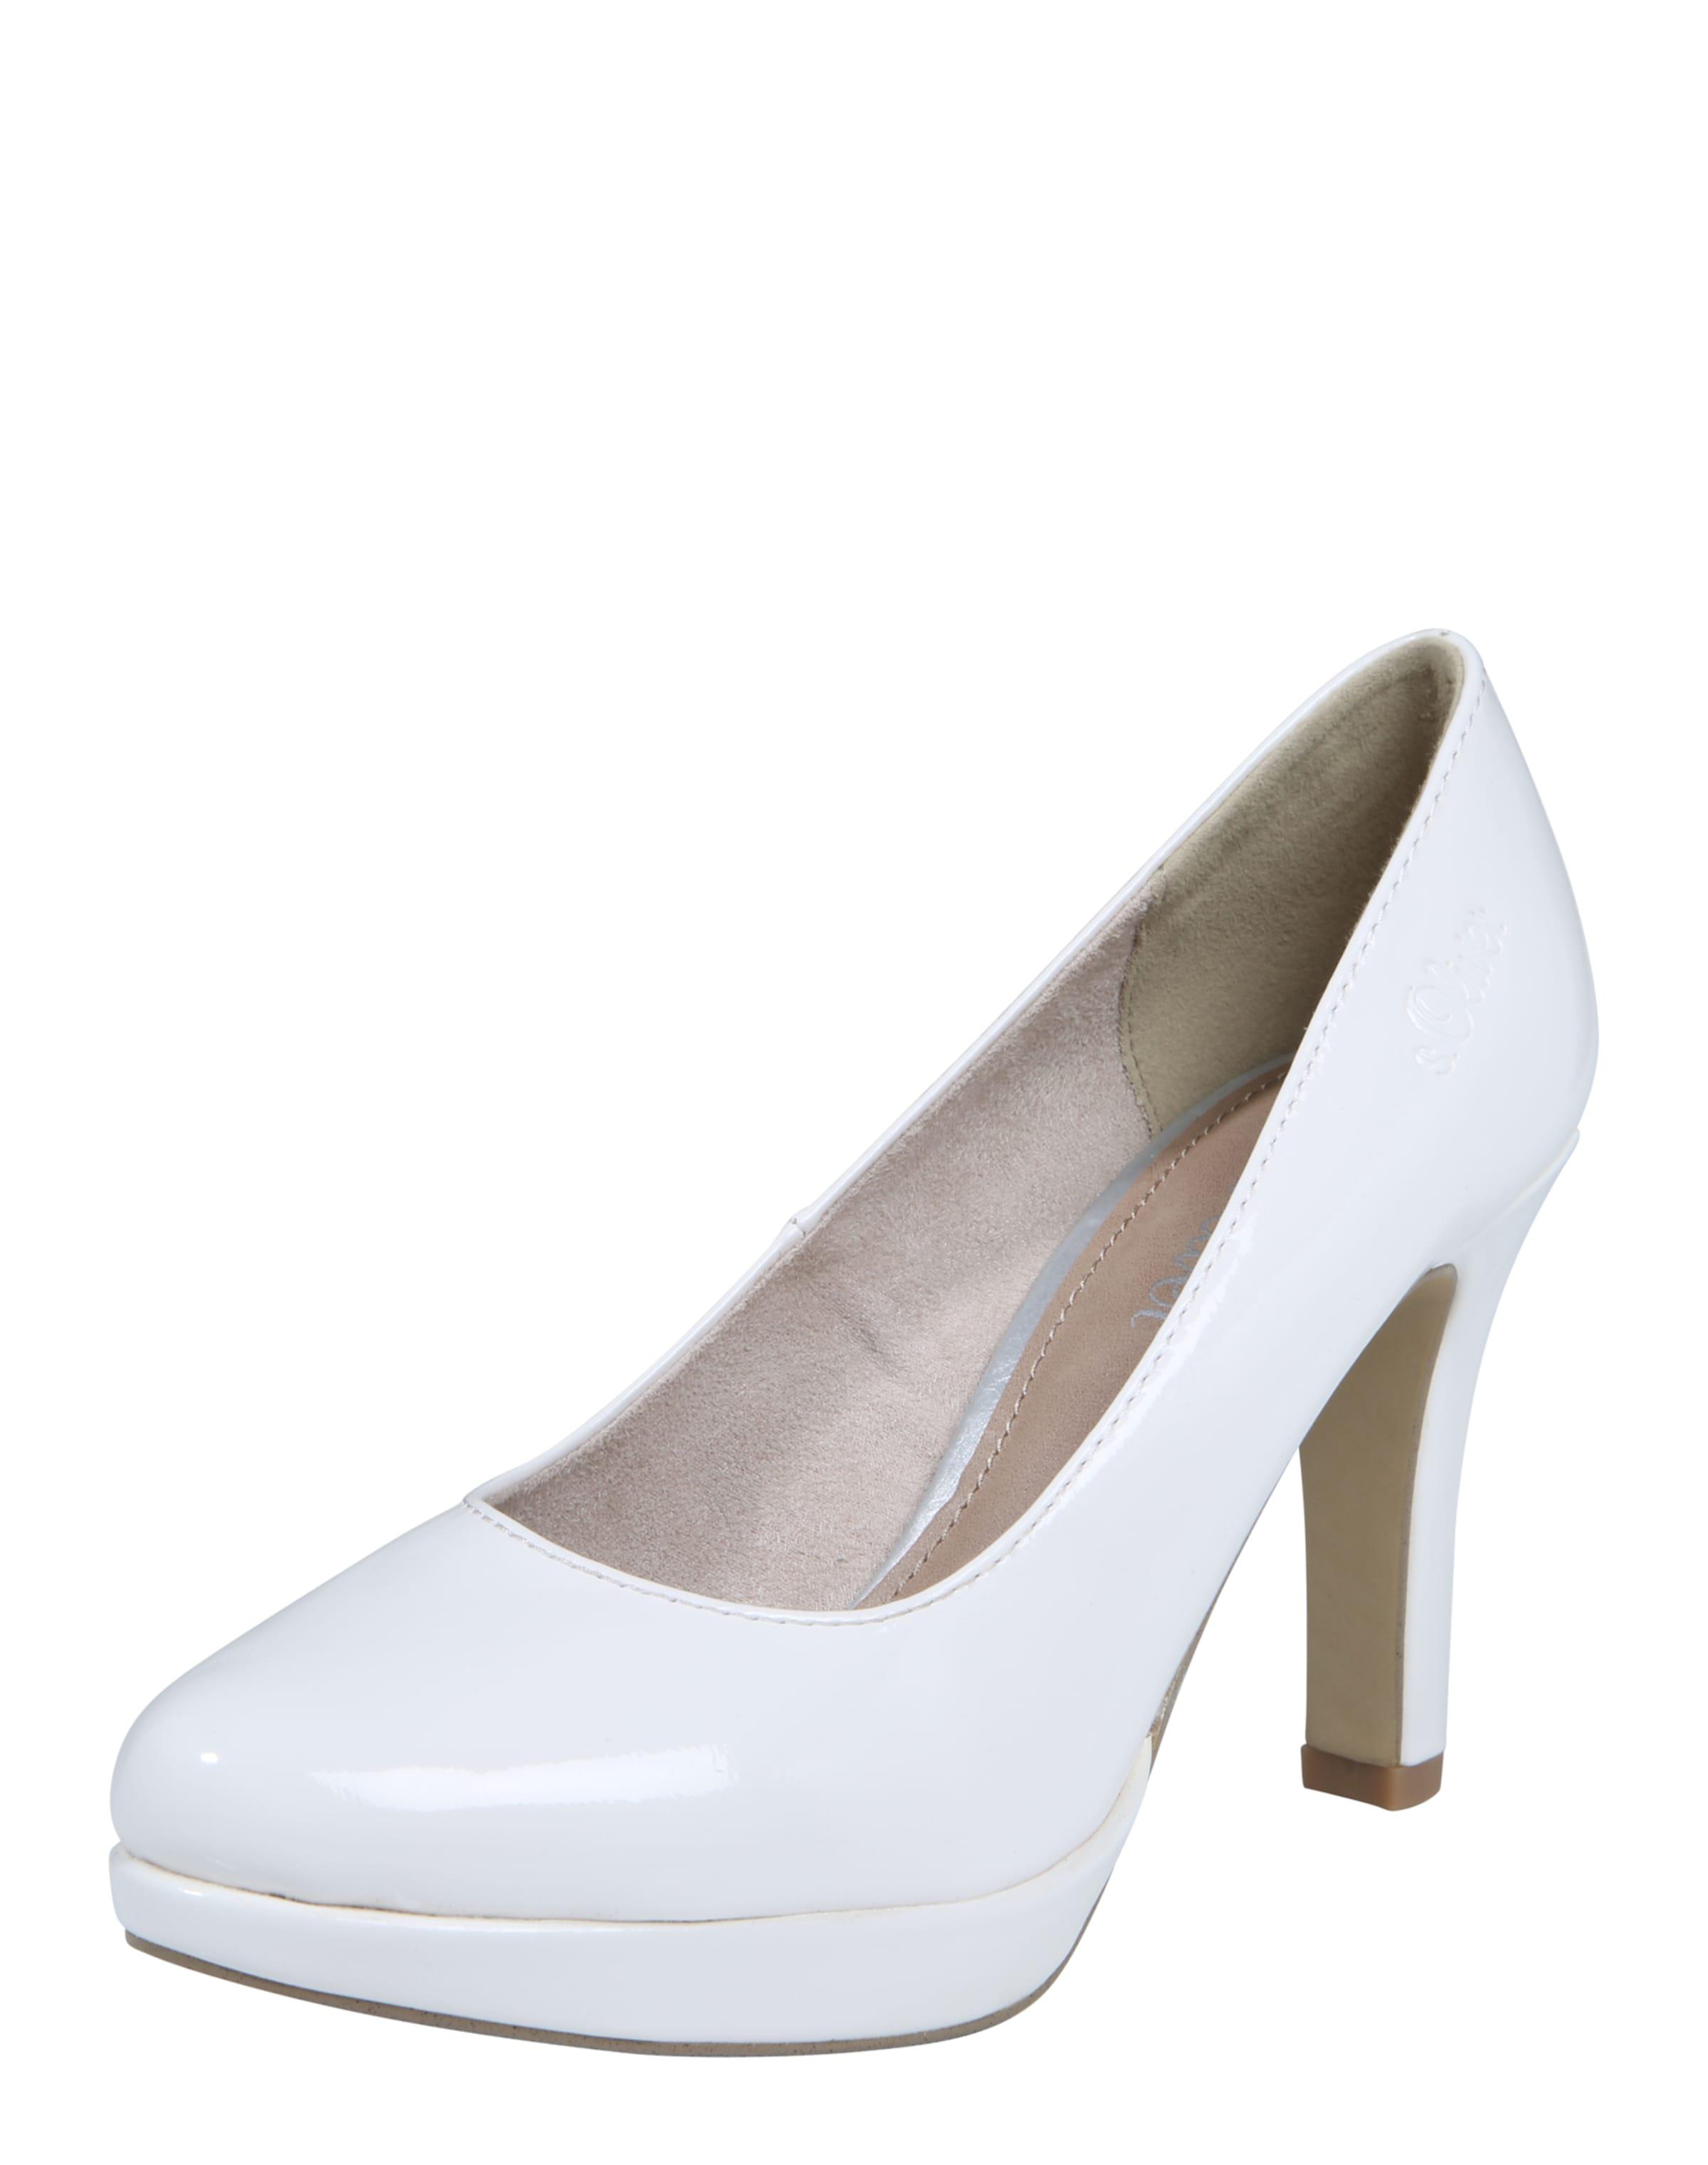 s.Oliver RED LABEL Lack-Pumps Verschleißfeste billige Schuhe